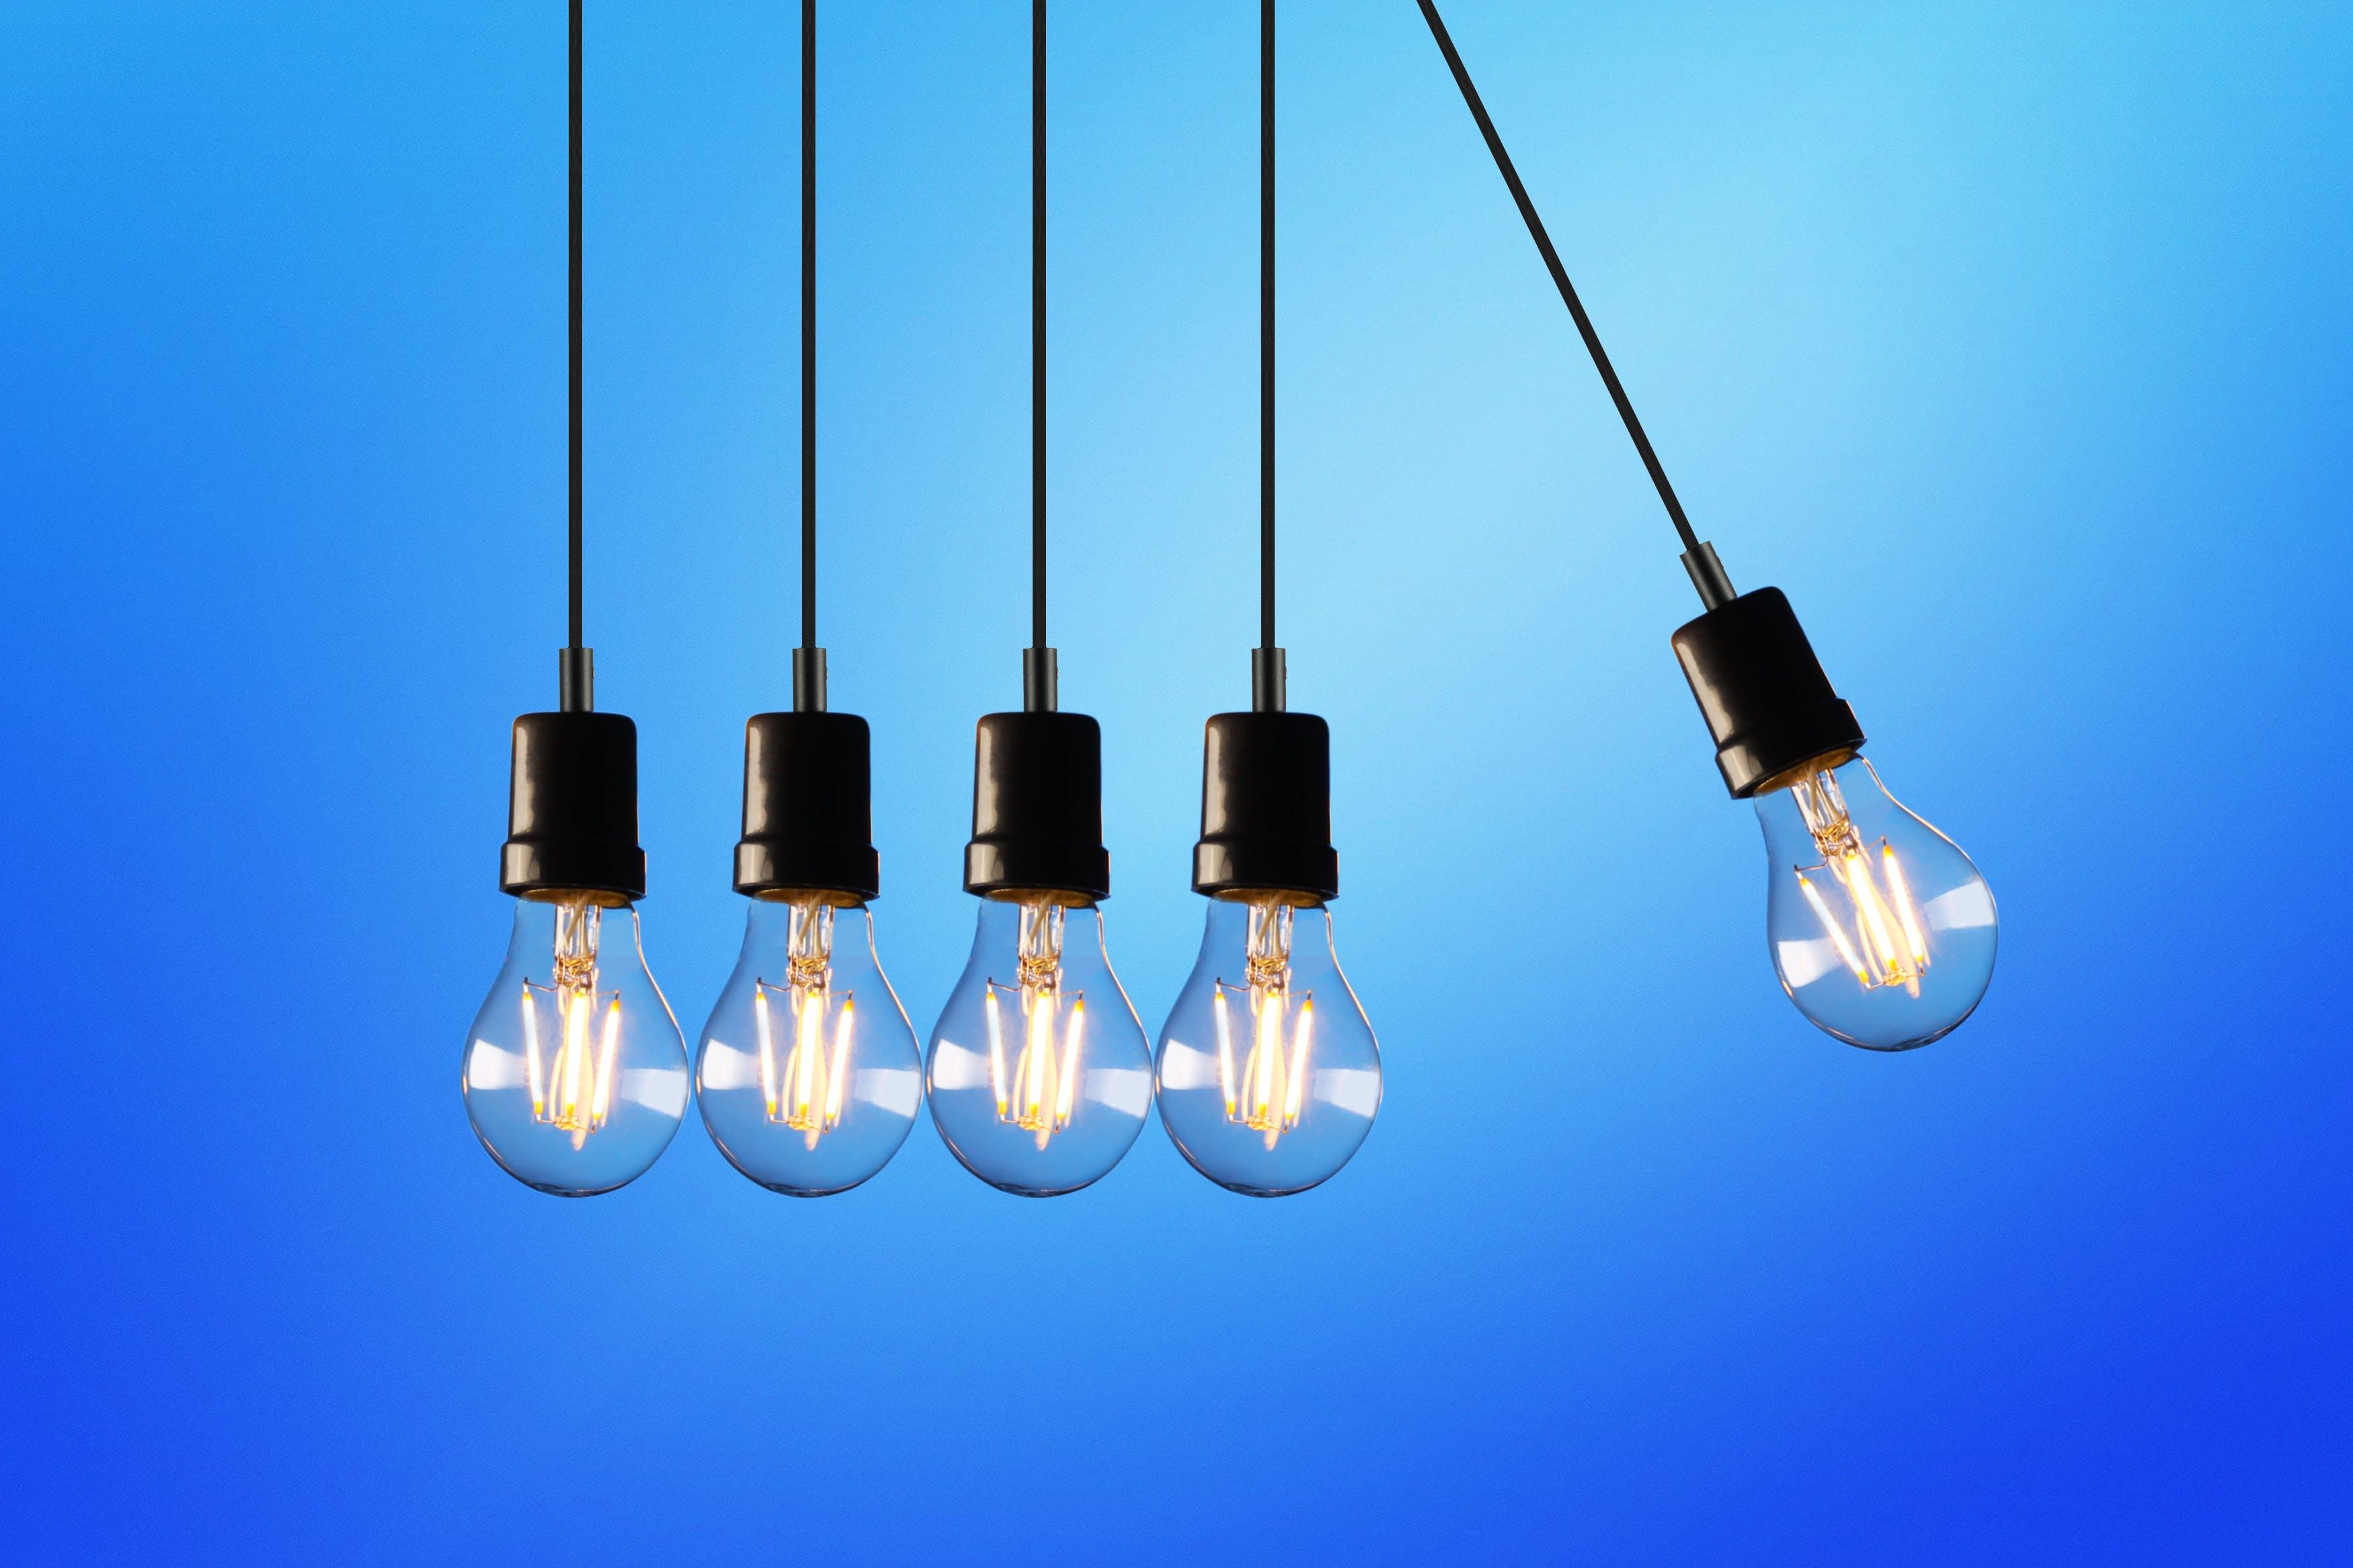 açık, alternatif enerji, ampul, arka fon içeren Ücretsiz stok fotoğraf